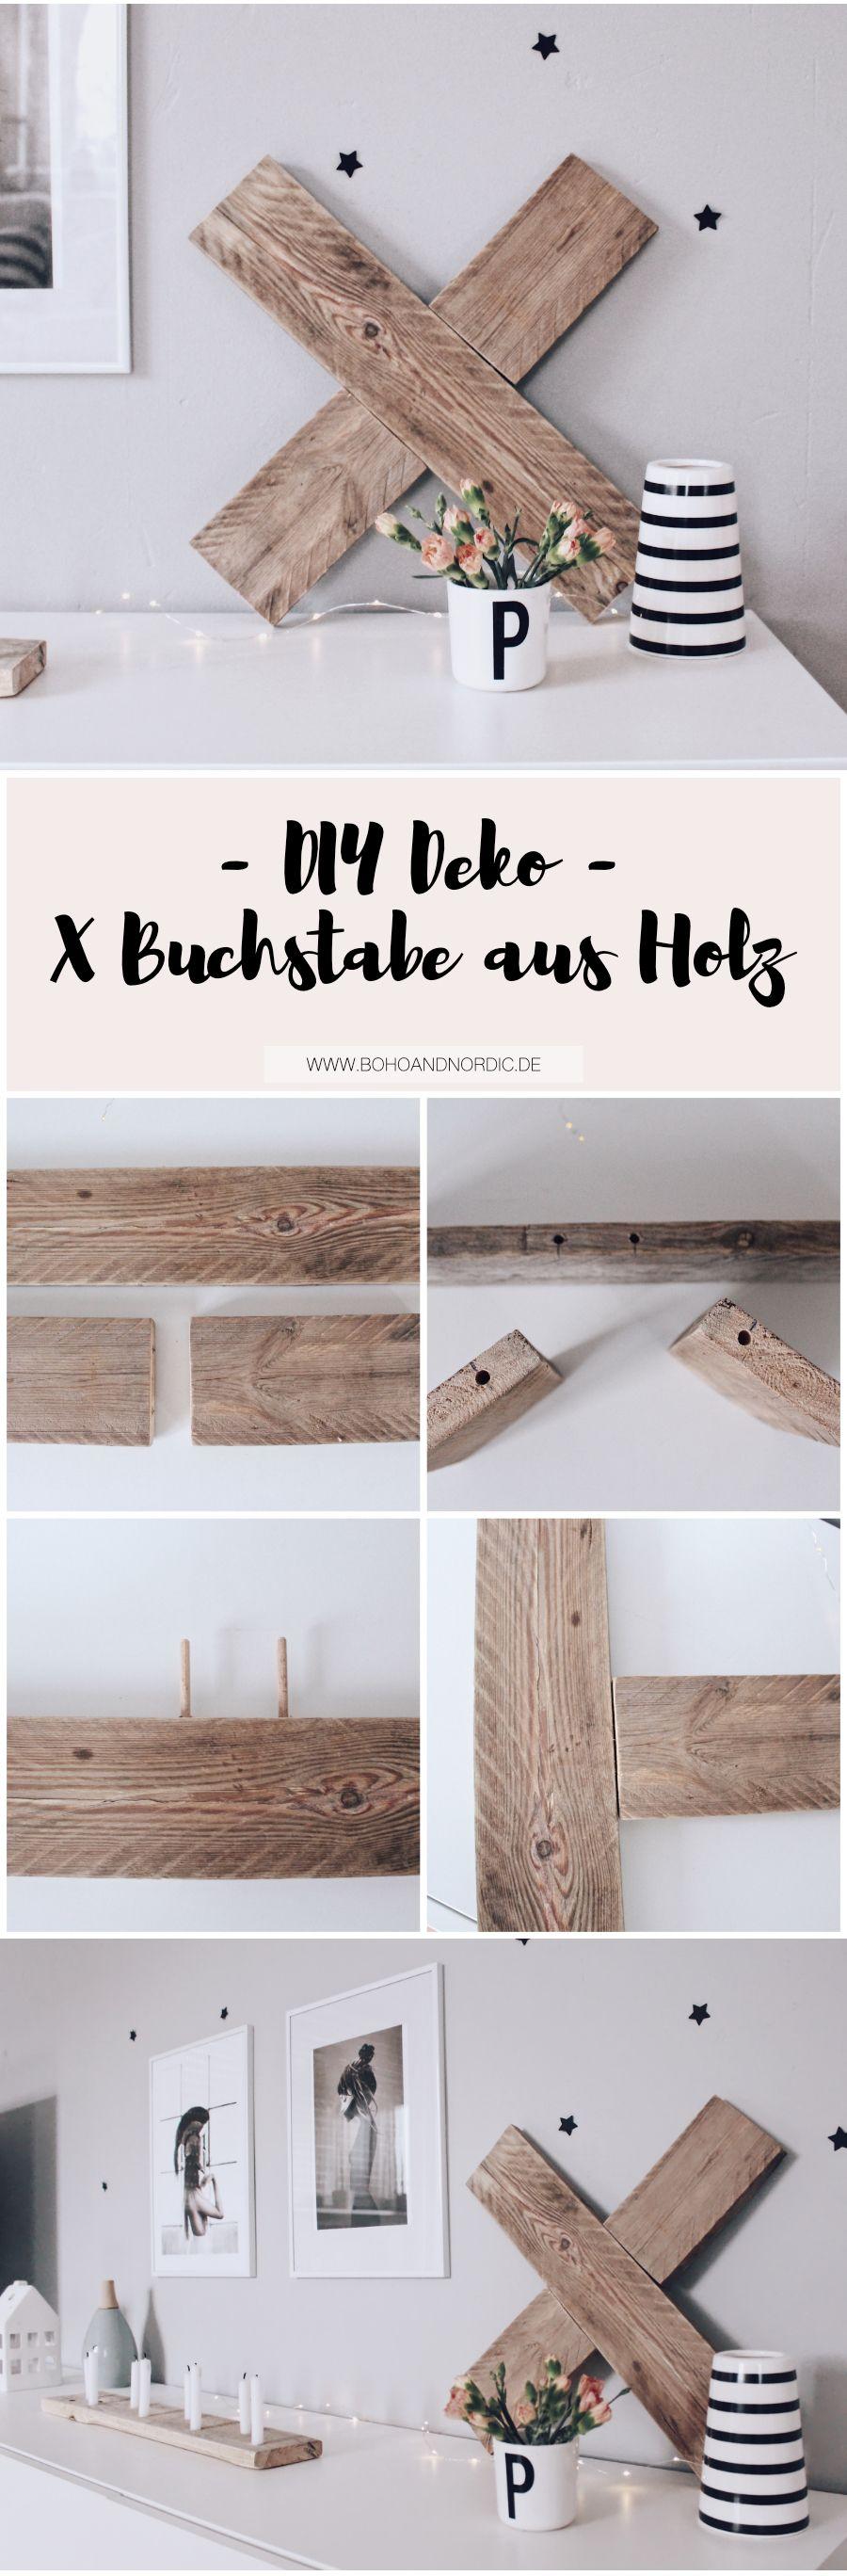 DIY Deko Aus Holz   X Buchstabe Aus Holz Selber Machen. Basteln Mit Holz.  Kreative Und Einfache Anleitung Für Dekos Und Wohnaccessoires.